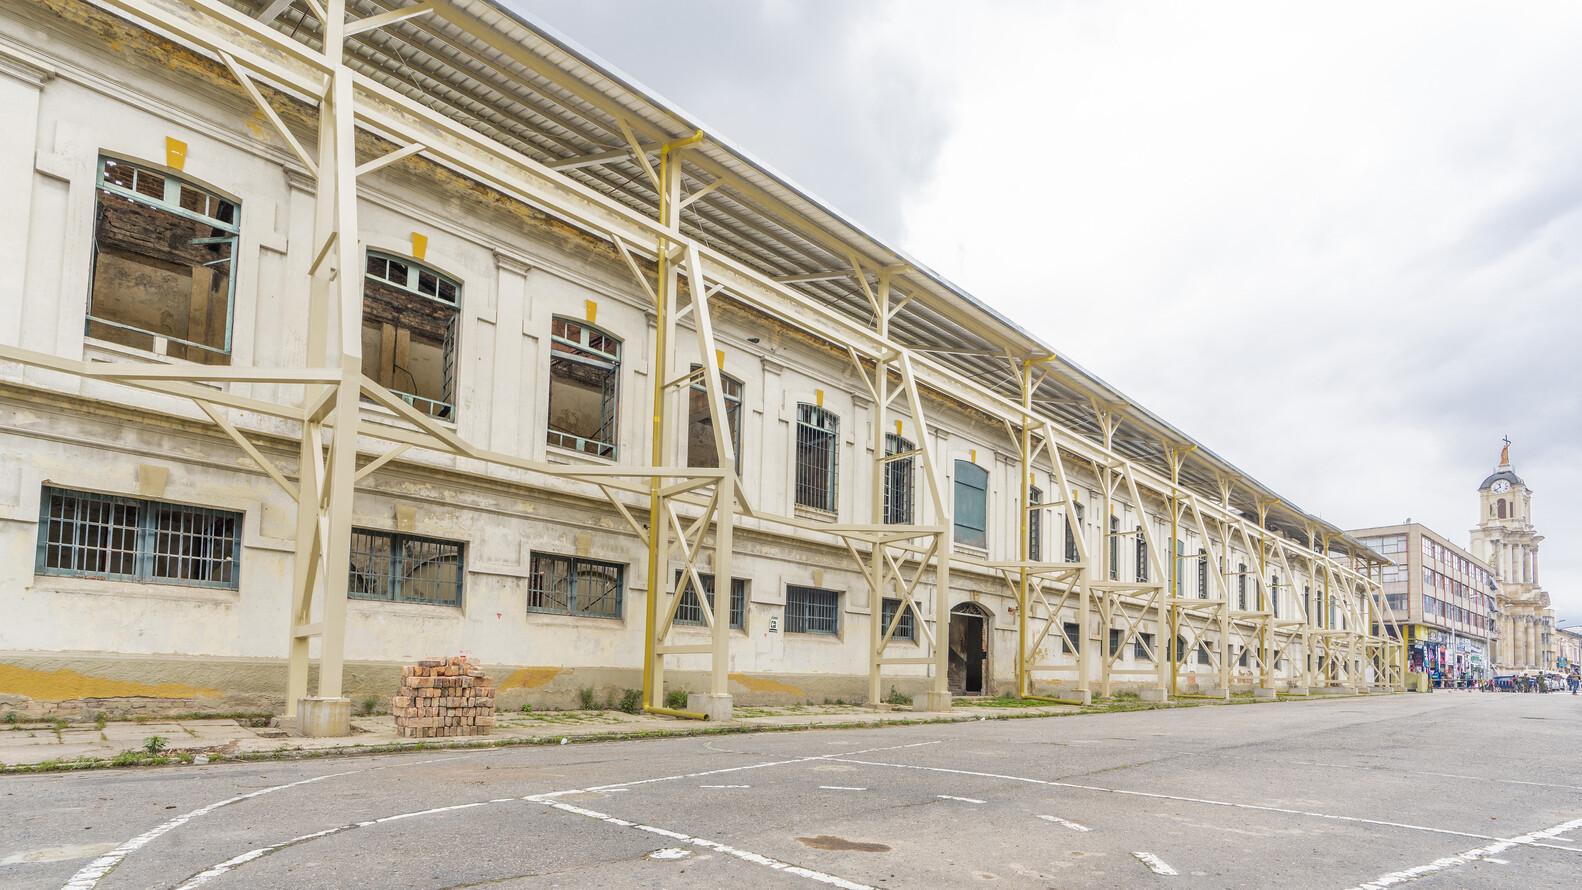 bronx-distrito-creativo-proyecto-de-regeneracion-urbana-en-colombia-1-alt